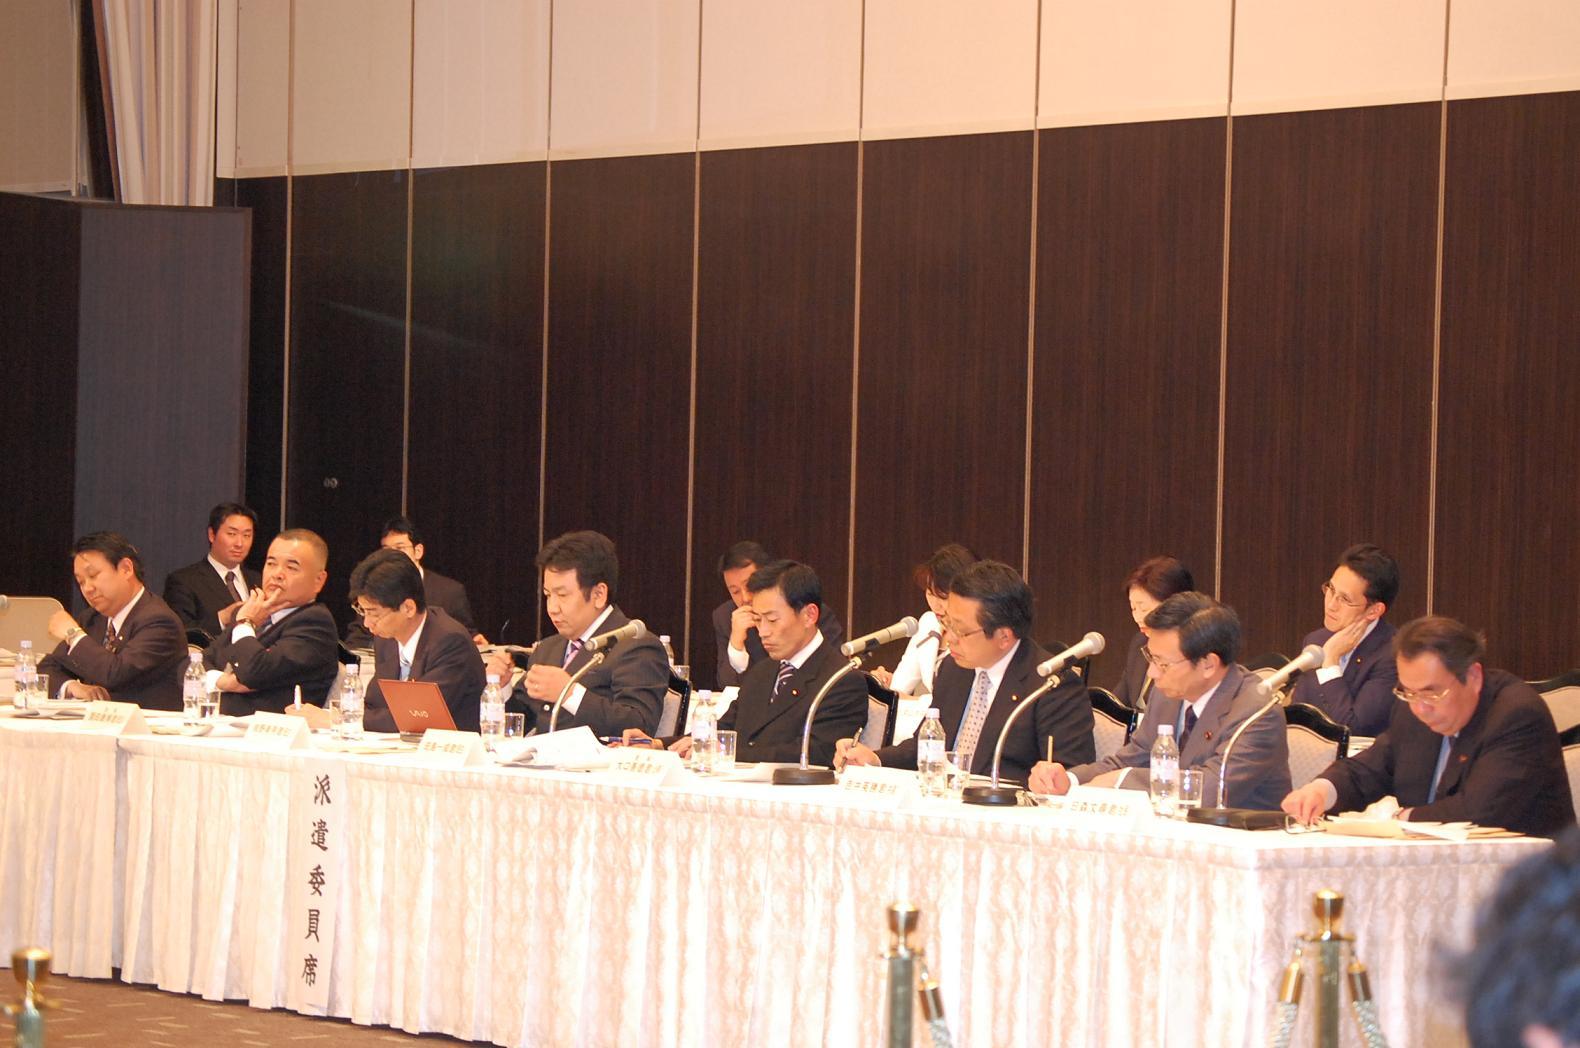 消費者特別委員会-地方公聴会 in 神戸